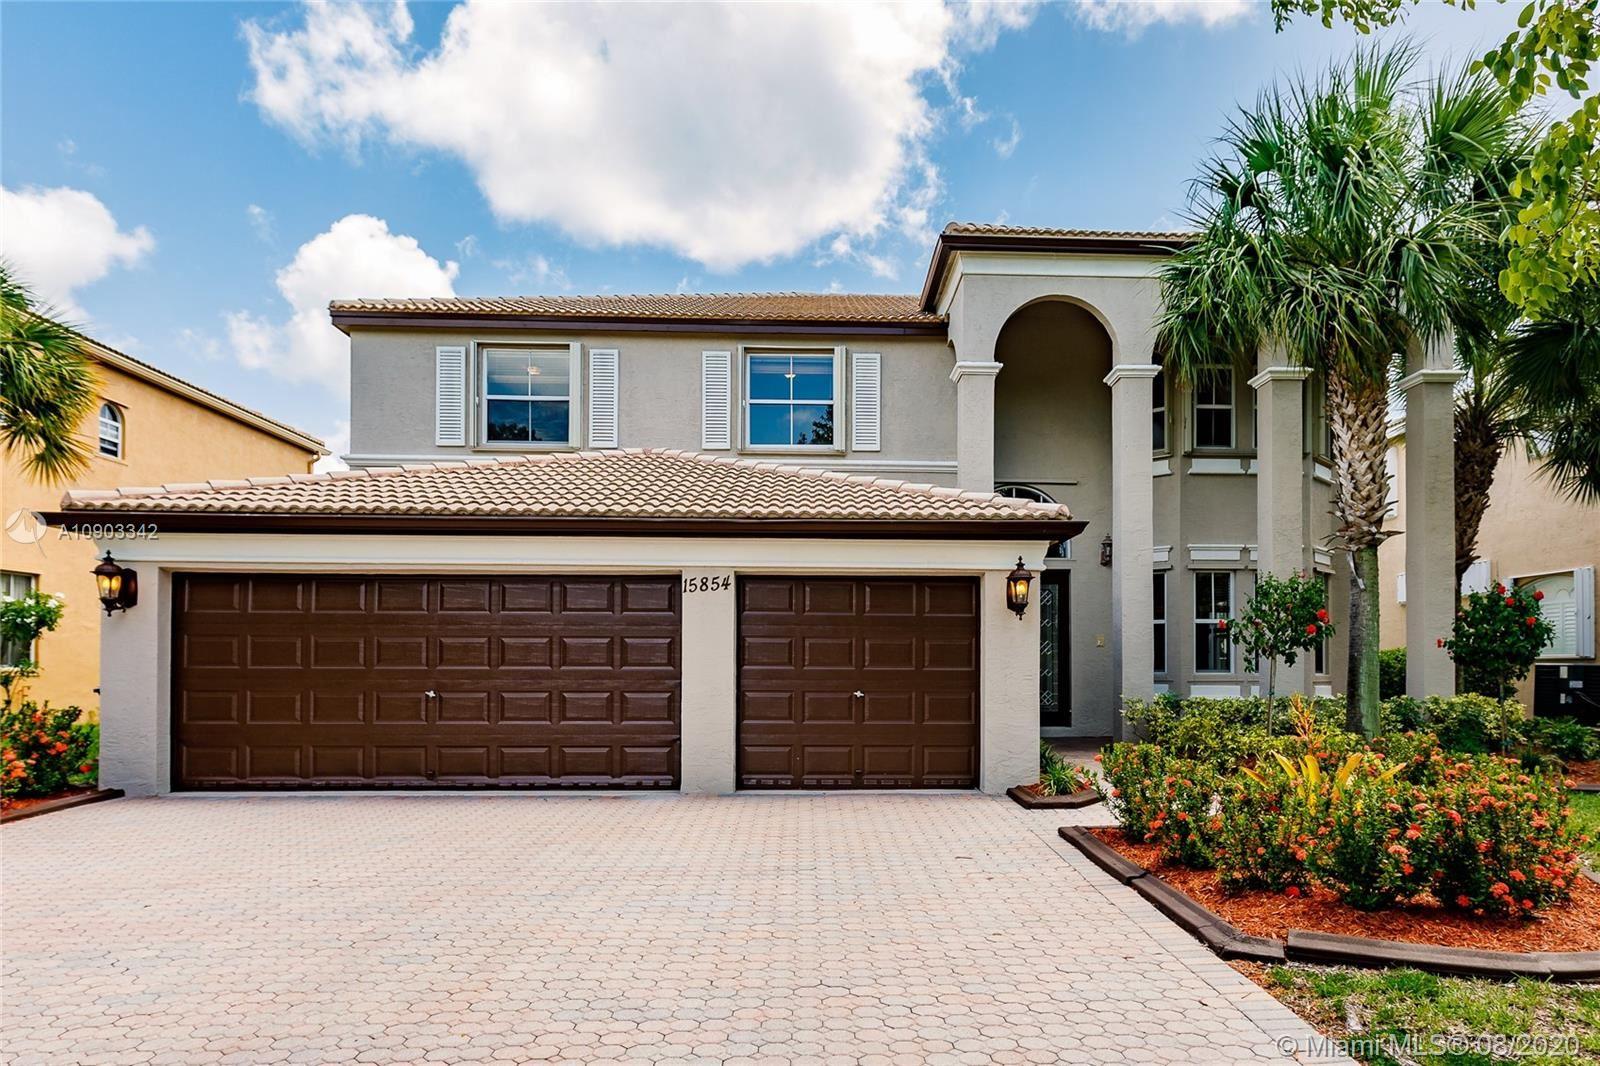 15854 SW 52nd St, Miramar, FL 33027 - #: A10903342